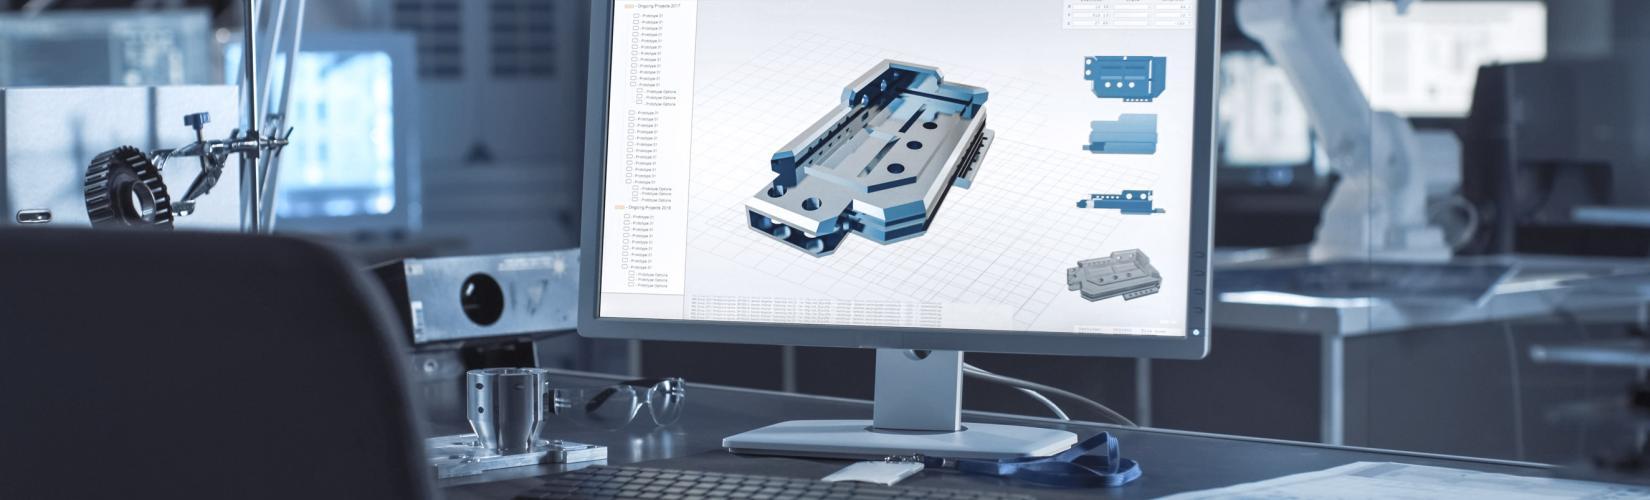 3D-CAD Bearbeitung einer Baugruppe